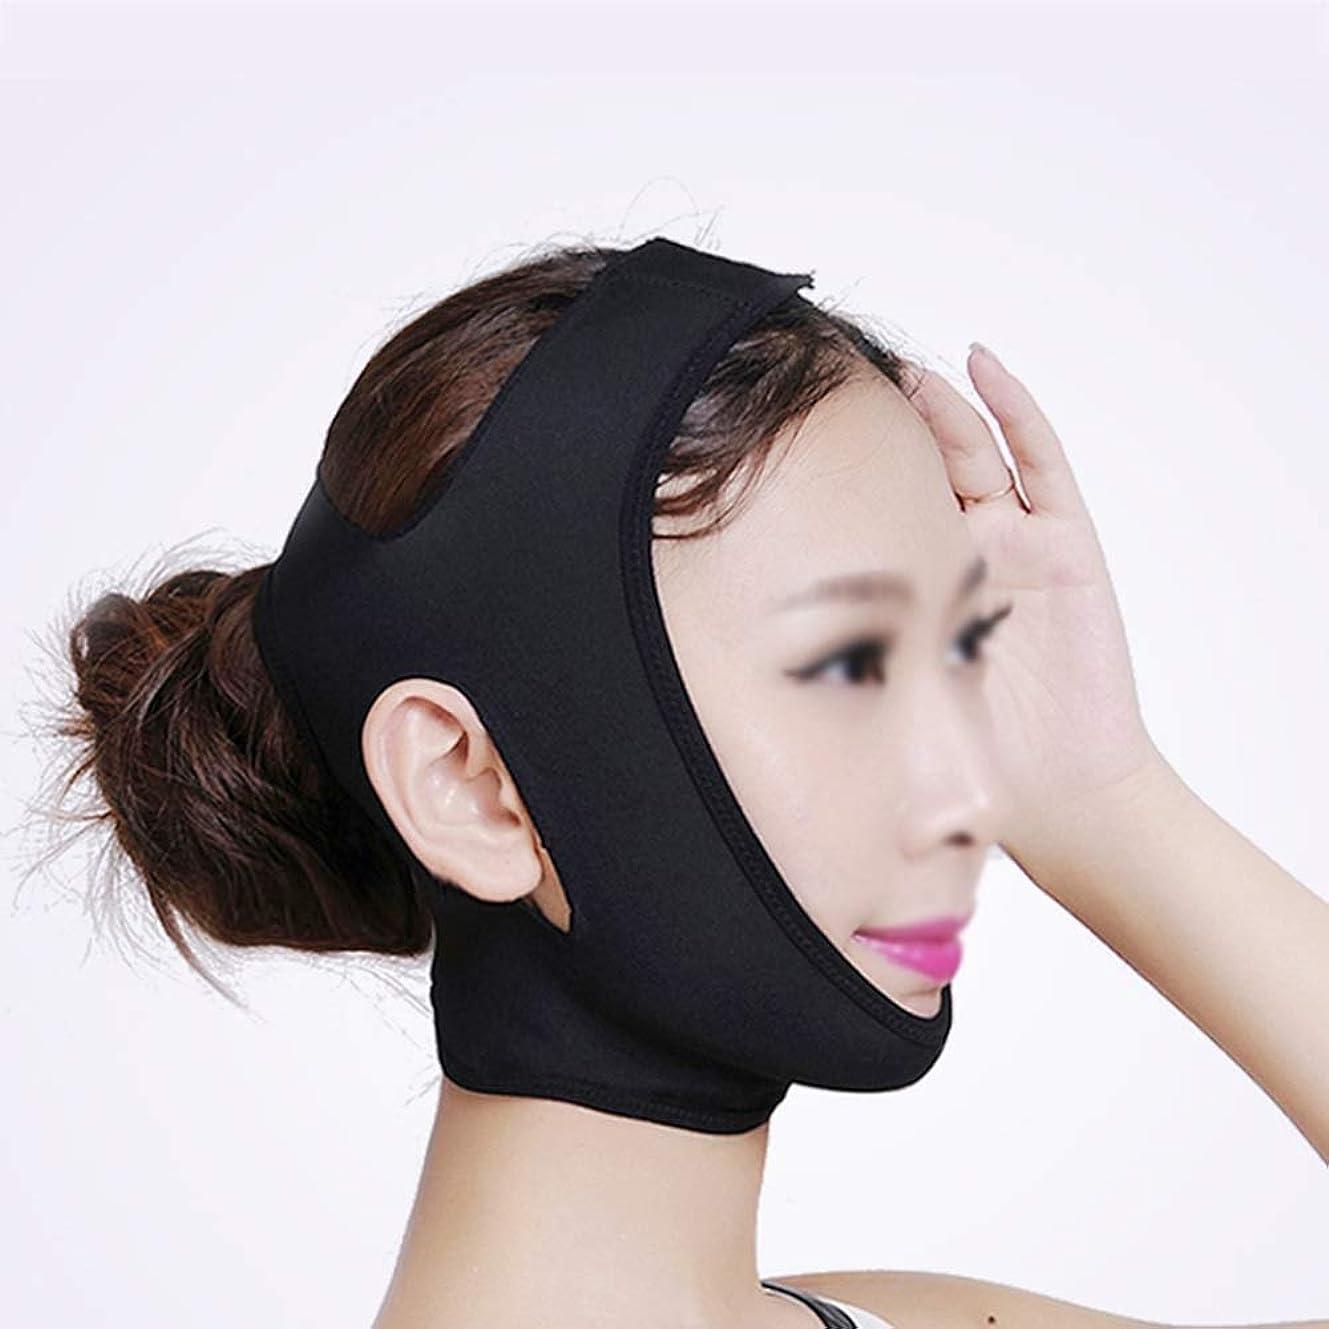 シャッフルフィドルリベラルフェイシャル減量マスクリフティングフェイス、フェイスマスク、減量包帯を除去するためのダブルチン、フェイシャルリフティング包帯、ダブルチンを減らすためのリフティングベルト(カラー:ブラック、サイズ:M),黒、L